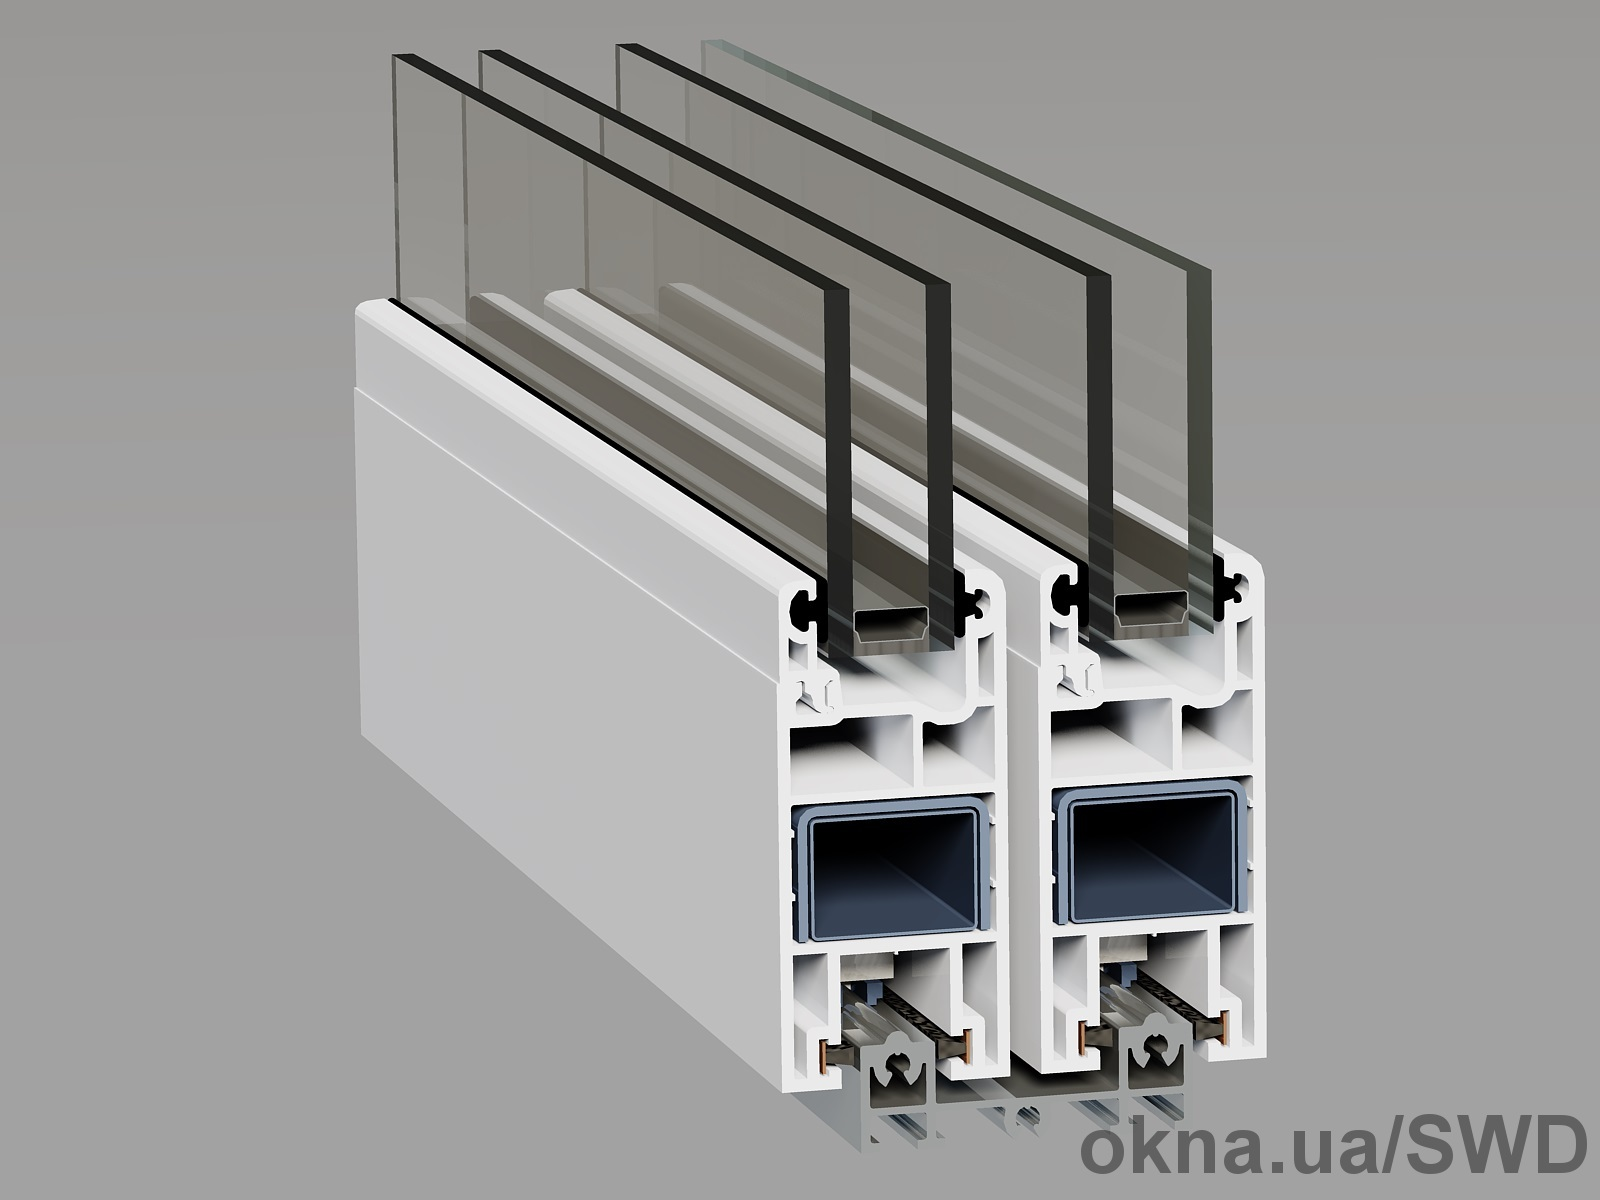 Раздвижная м/п система для остекления балконов и лоджий